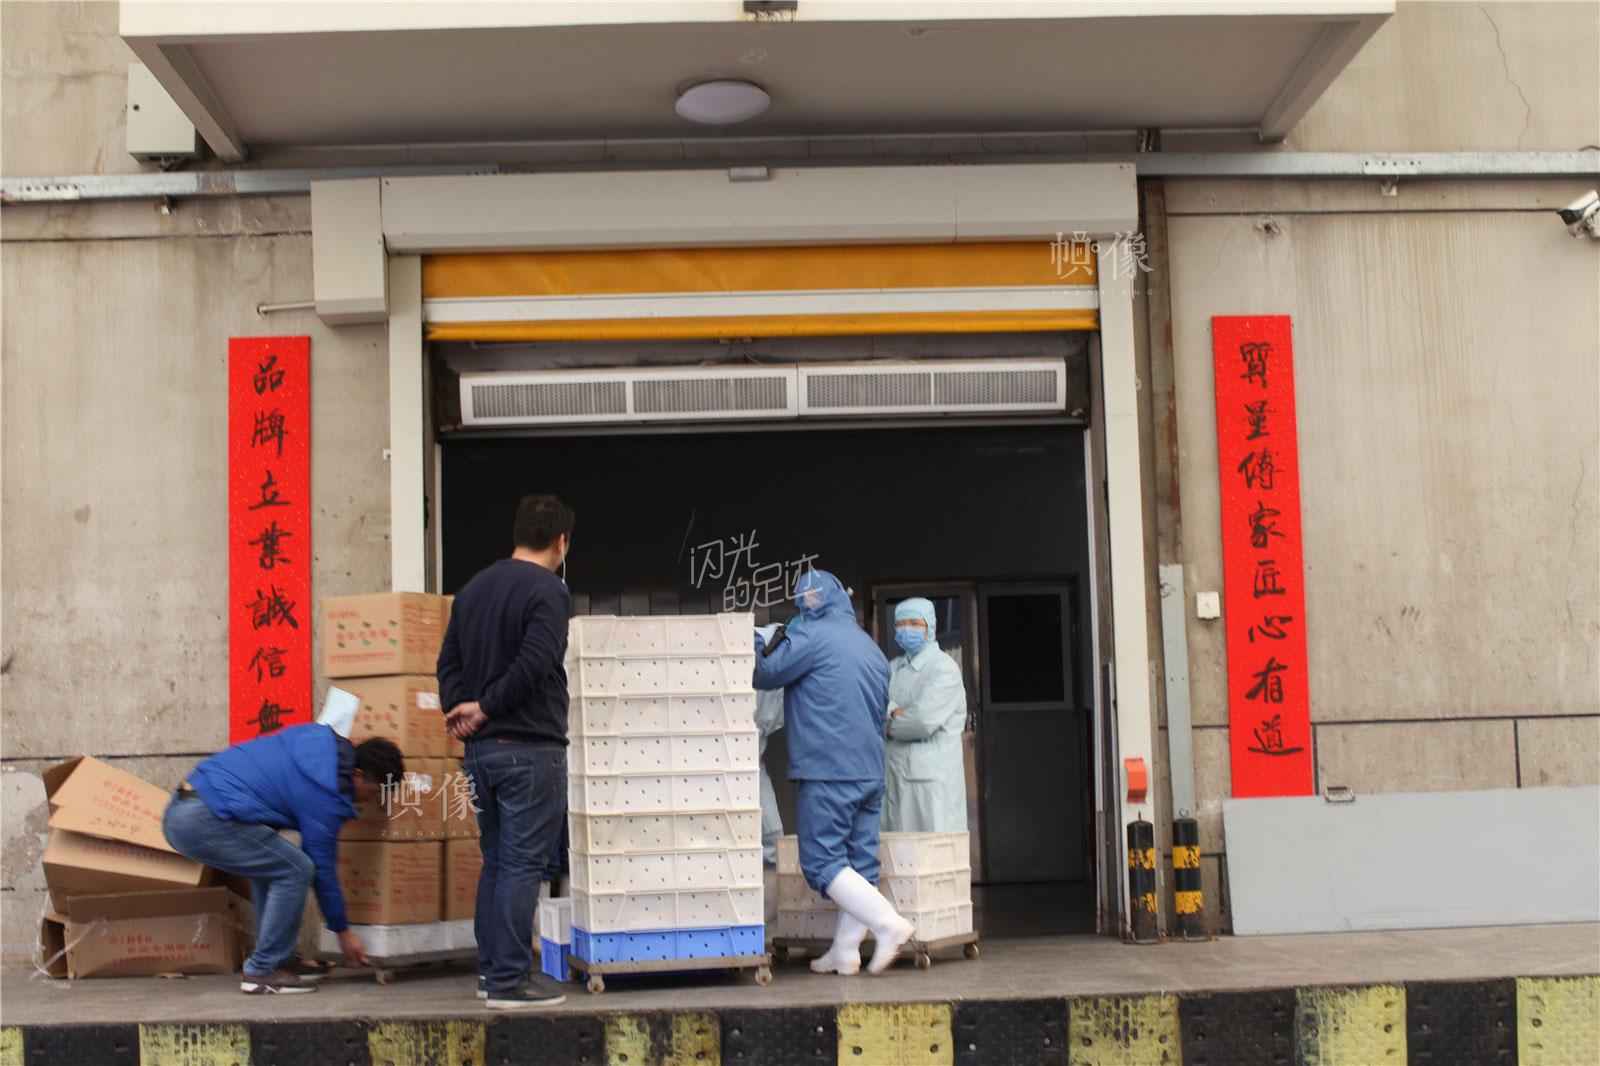 2017年3月2日,北京稻香村生产加工车间,制作好的糕点装箱运输到各个售卖点。中国网记者 高南 摄